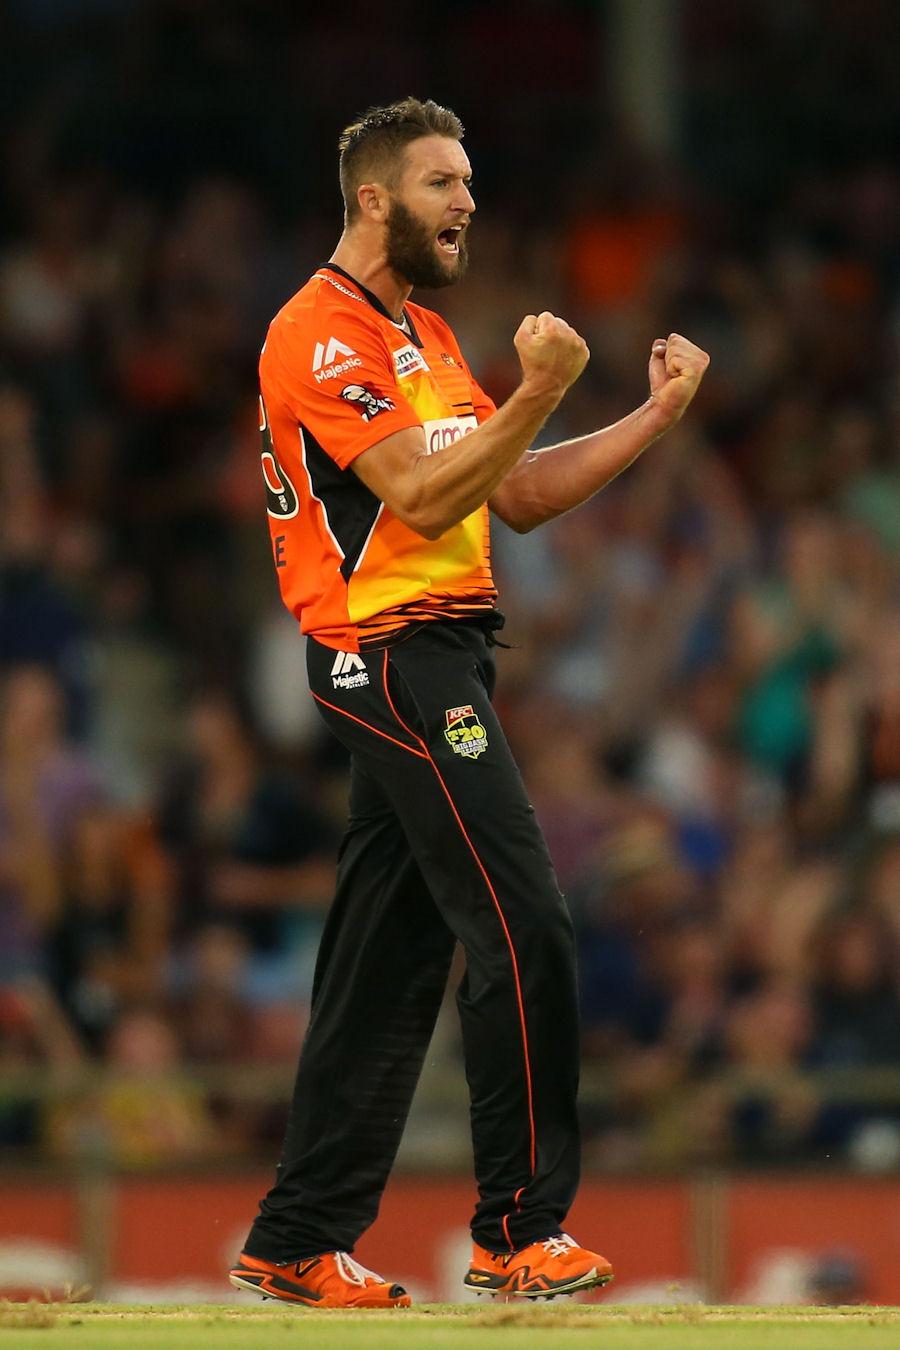 आॅस्ट्रेलिया क्रिकेट टीम के दिग्गज खिलाड़ी एंड्रूयू टाई ने चुना अपनी आॅल टाइम प्लेइंग इलेवन ड्रीम्स टीम इस भारतीय को मिली जगह, इस दिग्गज को सौपी कप्तानी 2